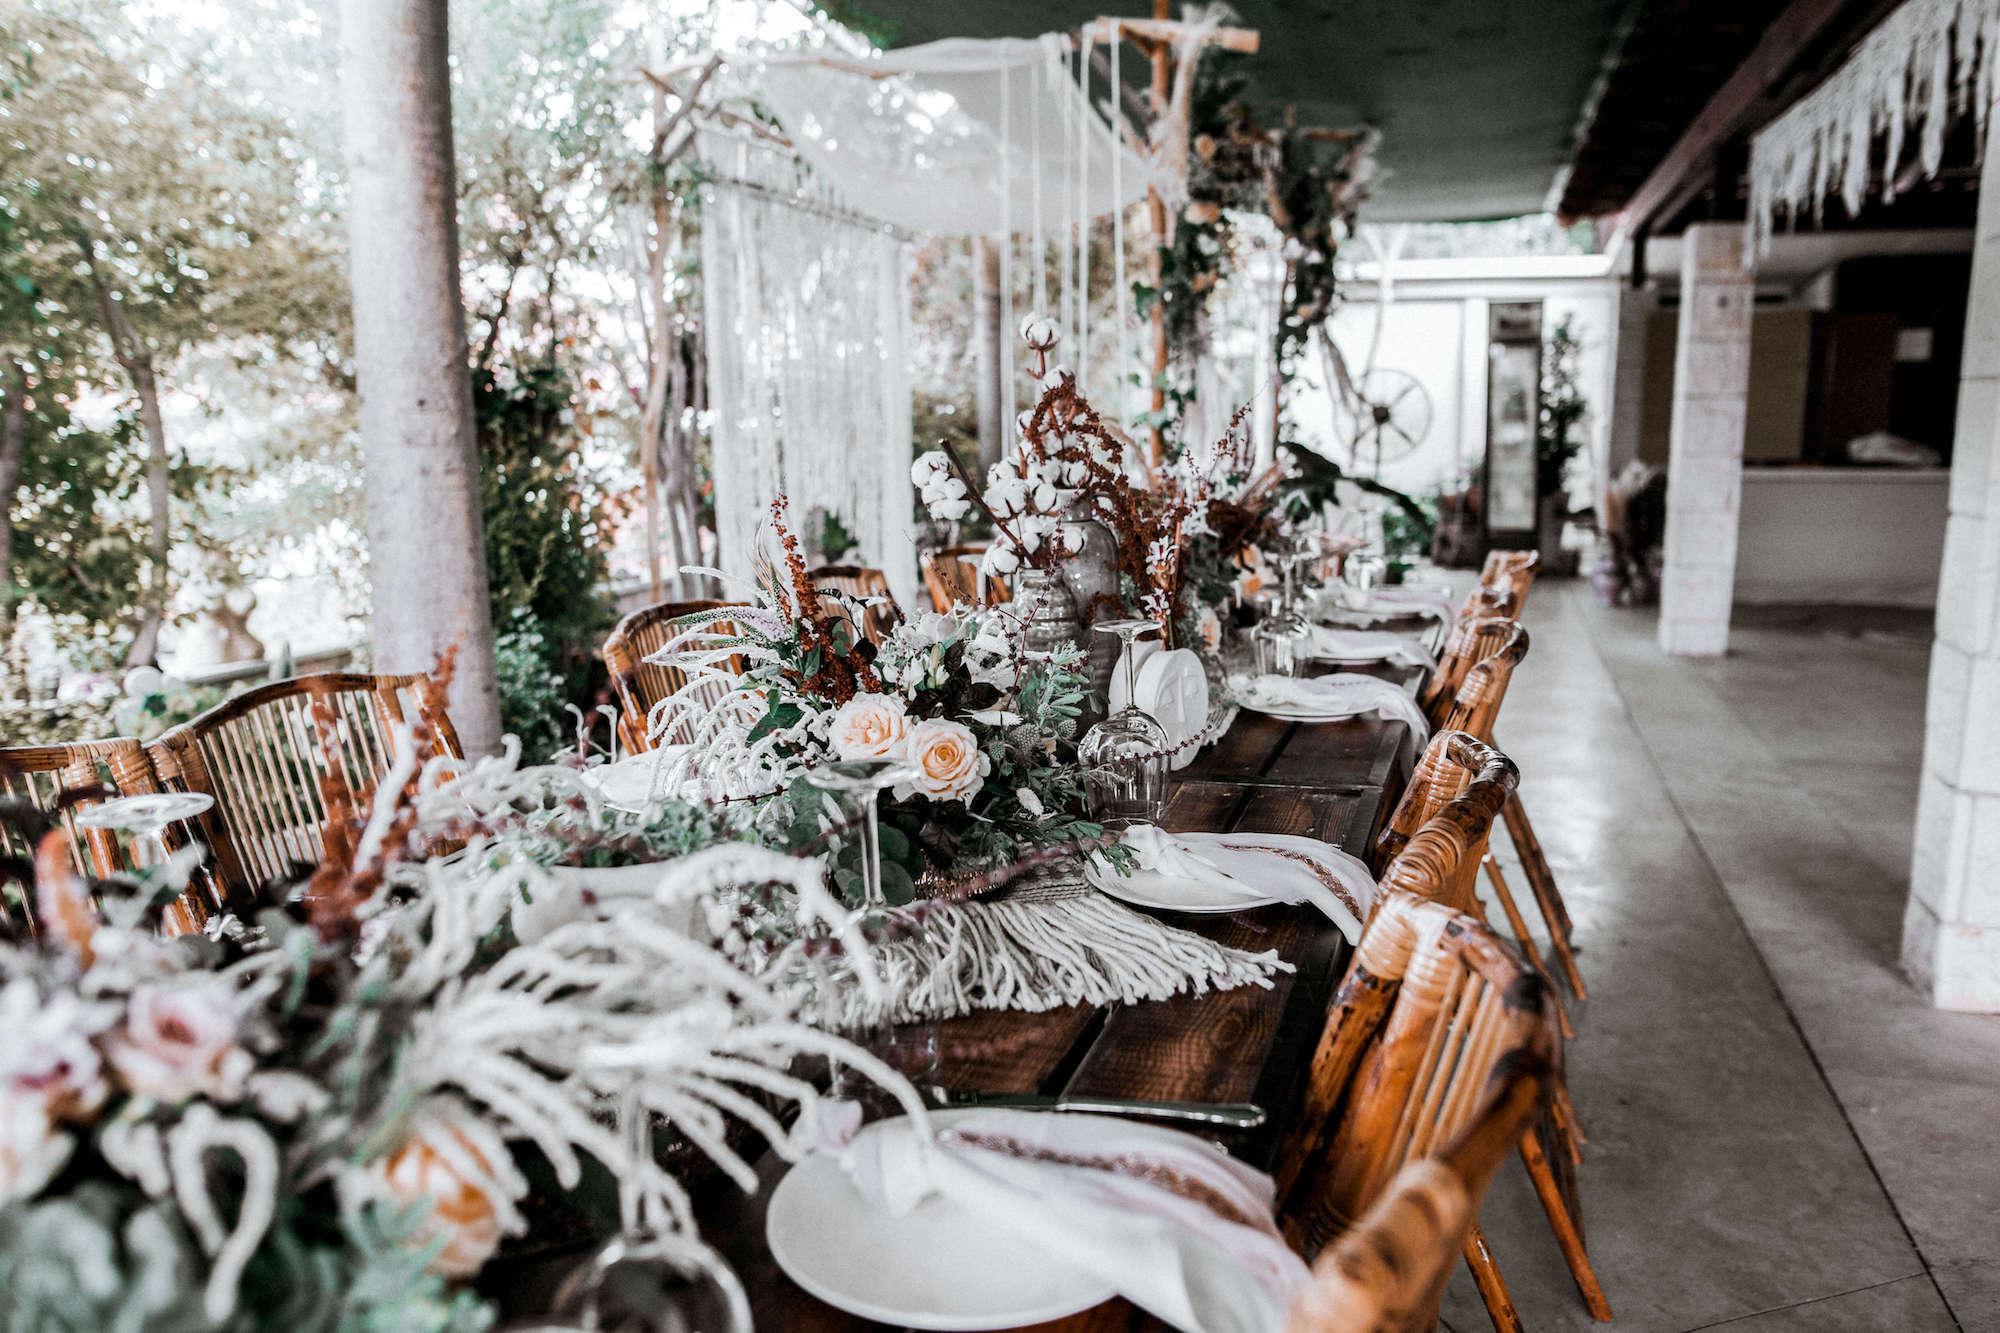 35 אורחים ועיצוב מדהים: חתונת החצר של מעיין ונועם פירוז